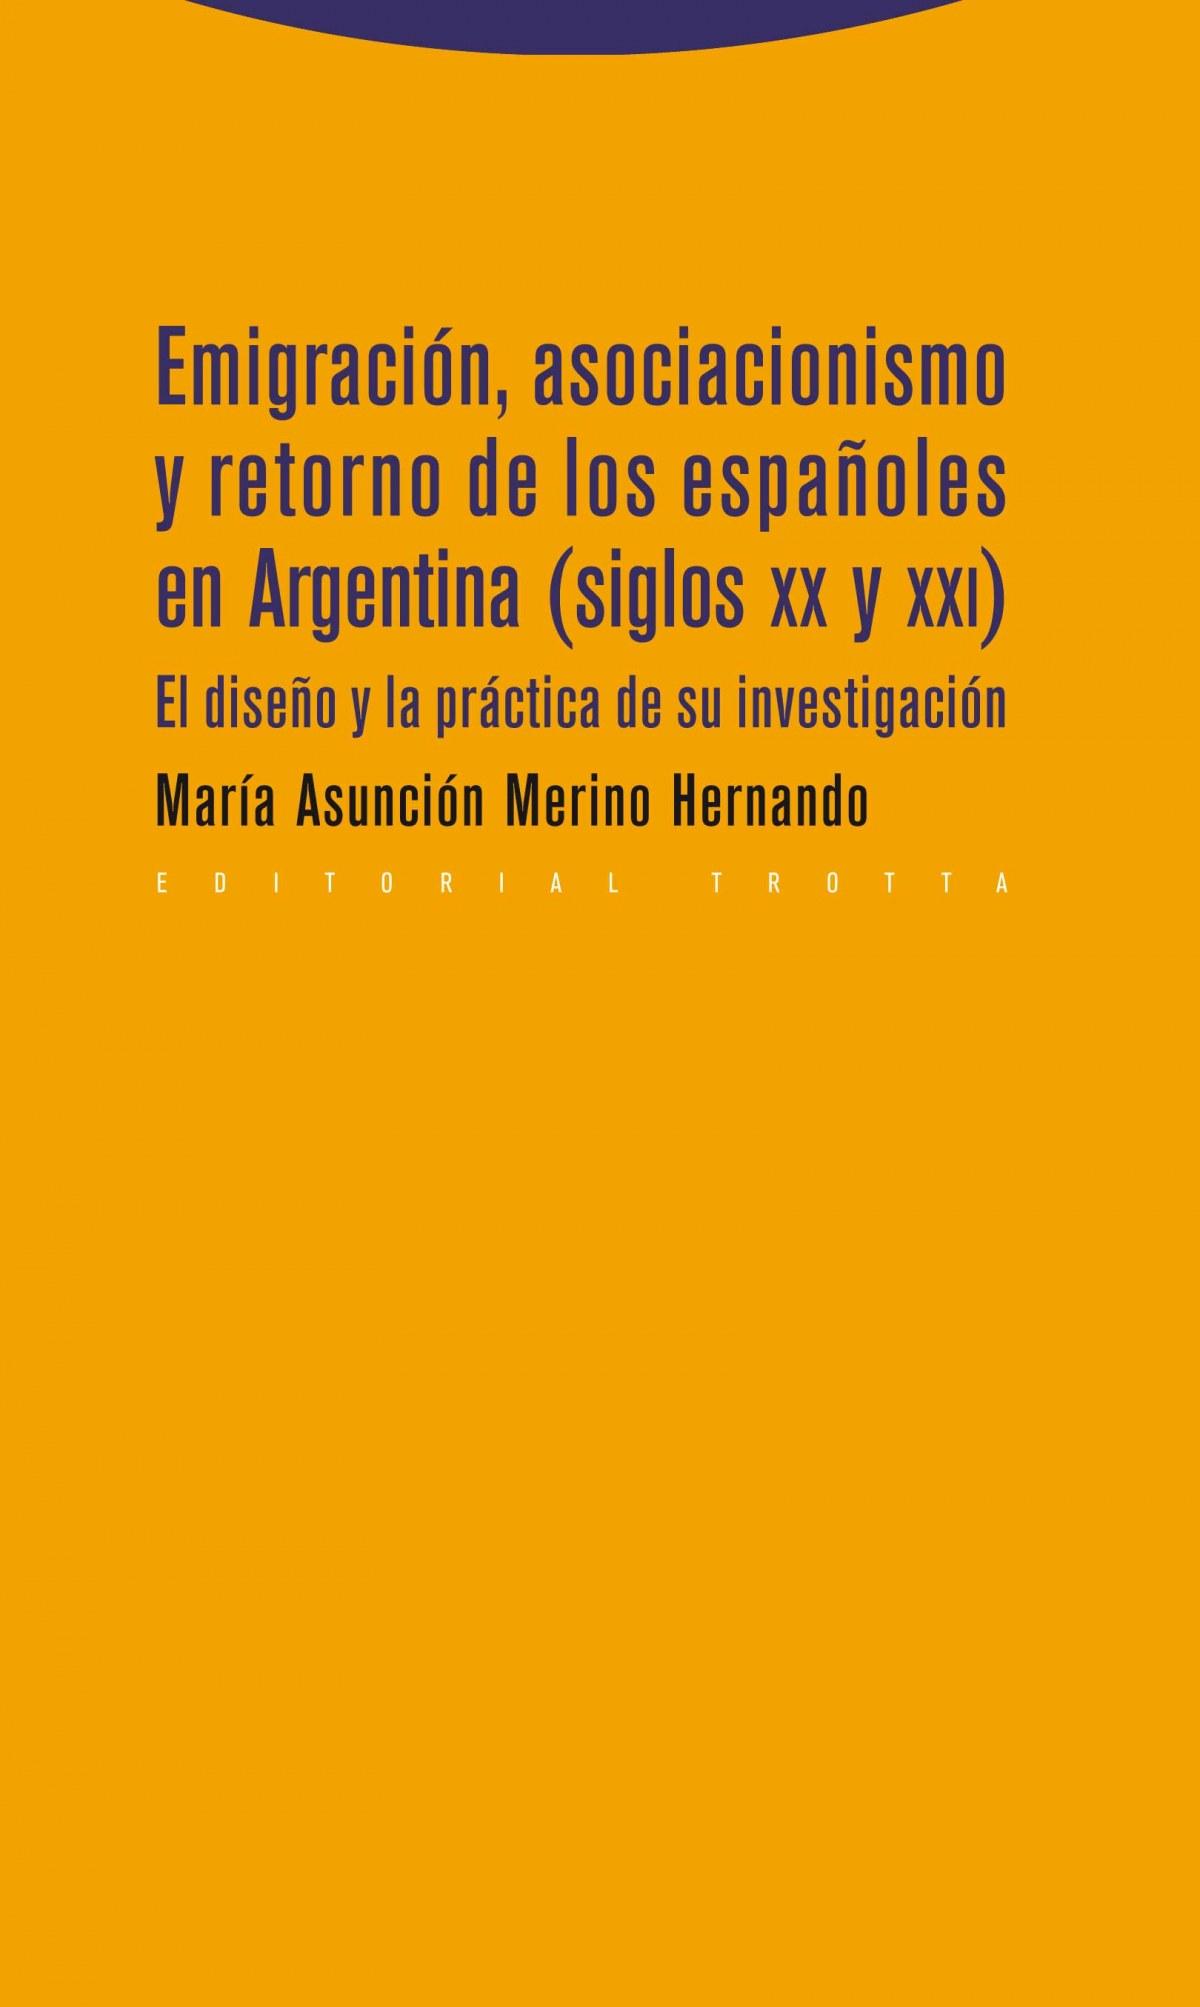 EMIGRACIÓN ASOCIACIONISMO Y RETORNO ESPAÑOLES EN ARGENTINA